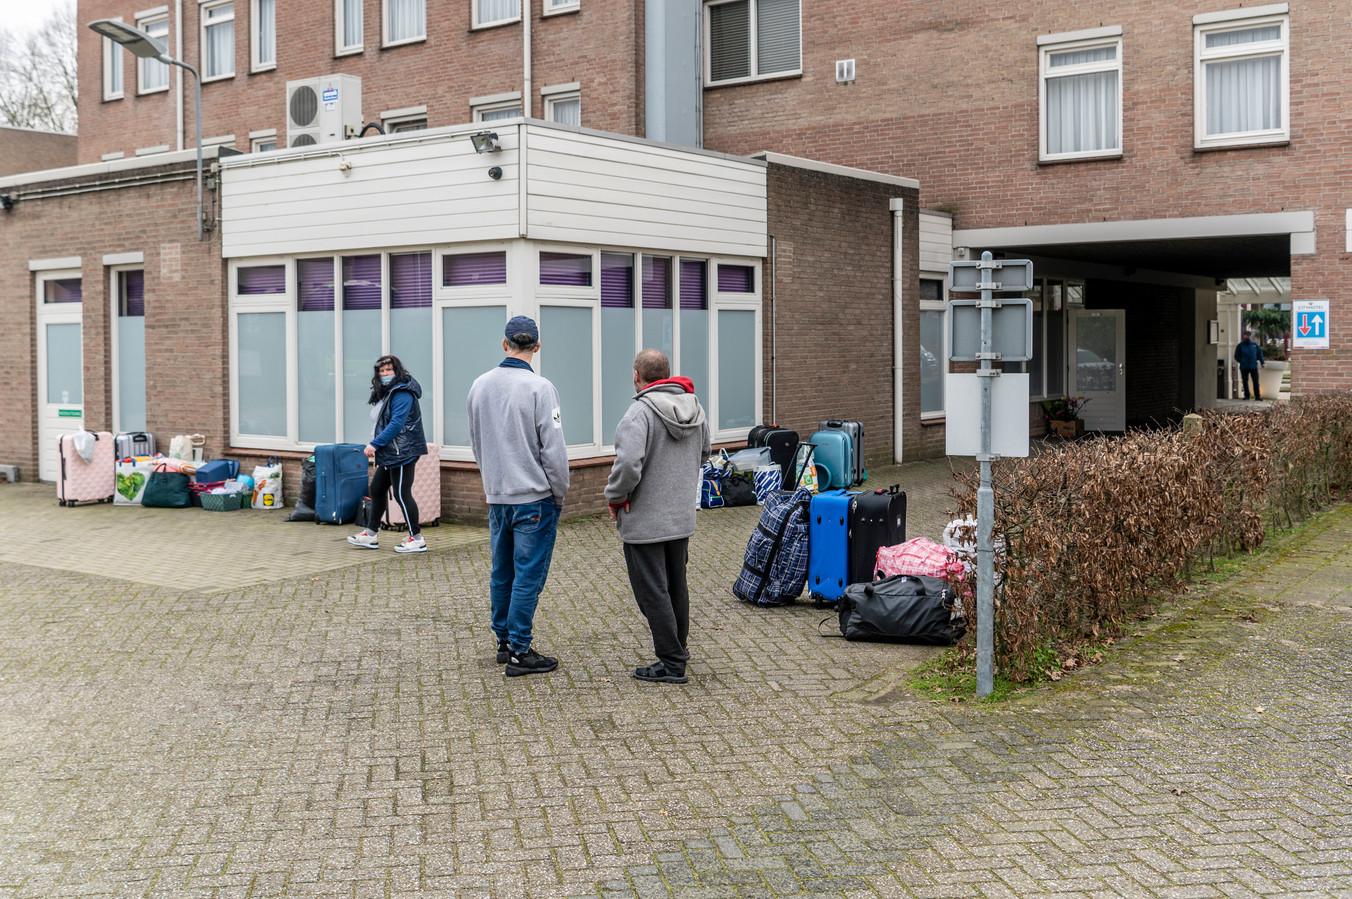 Arbeidsmigranten bij het City Hotel in Oss.